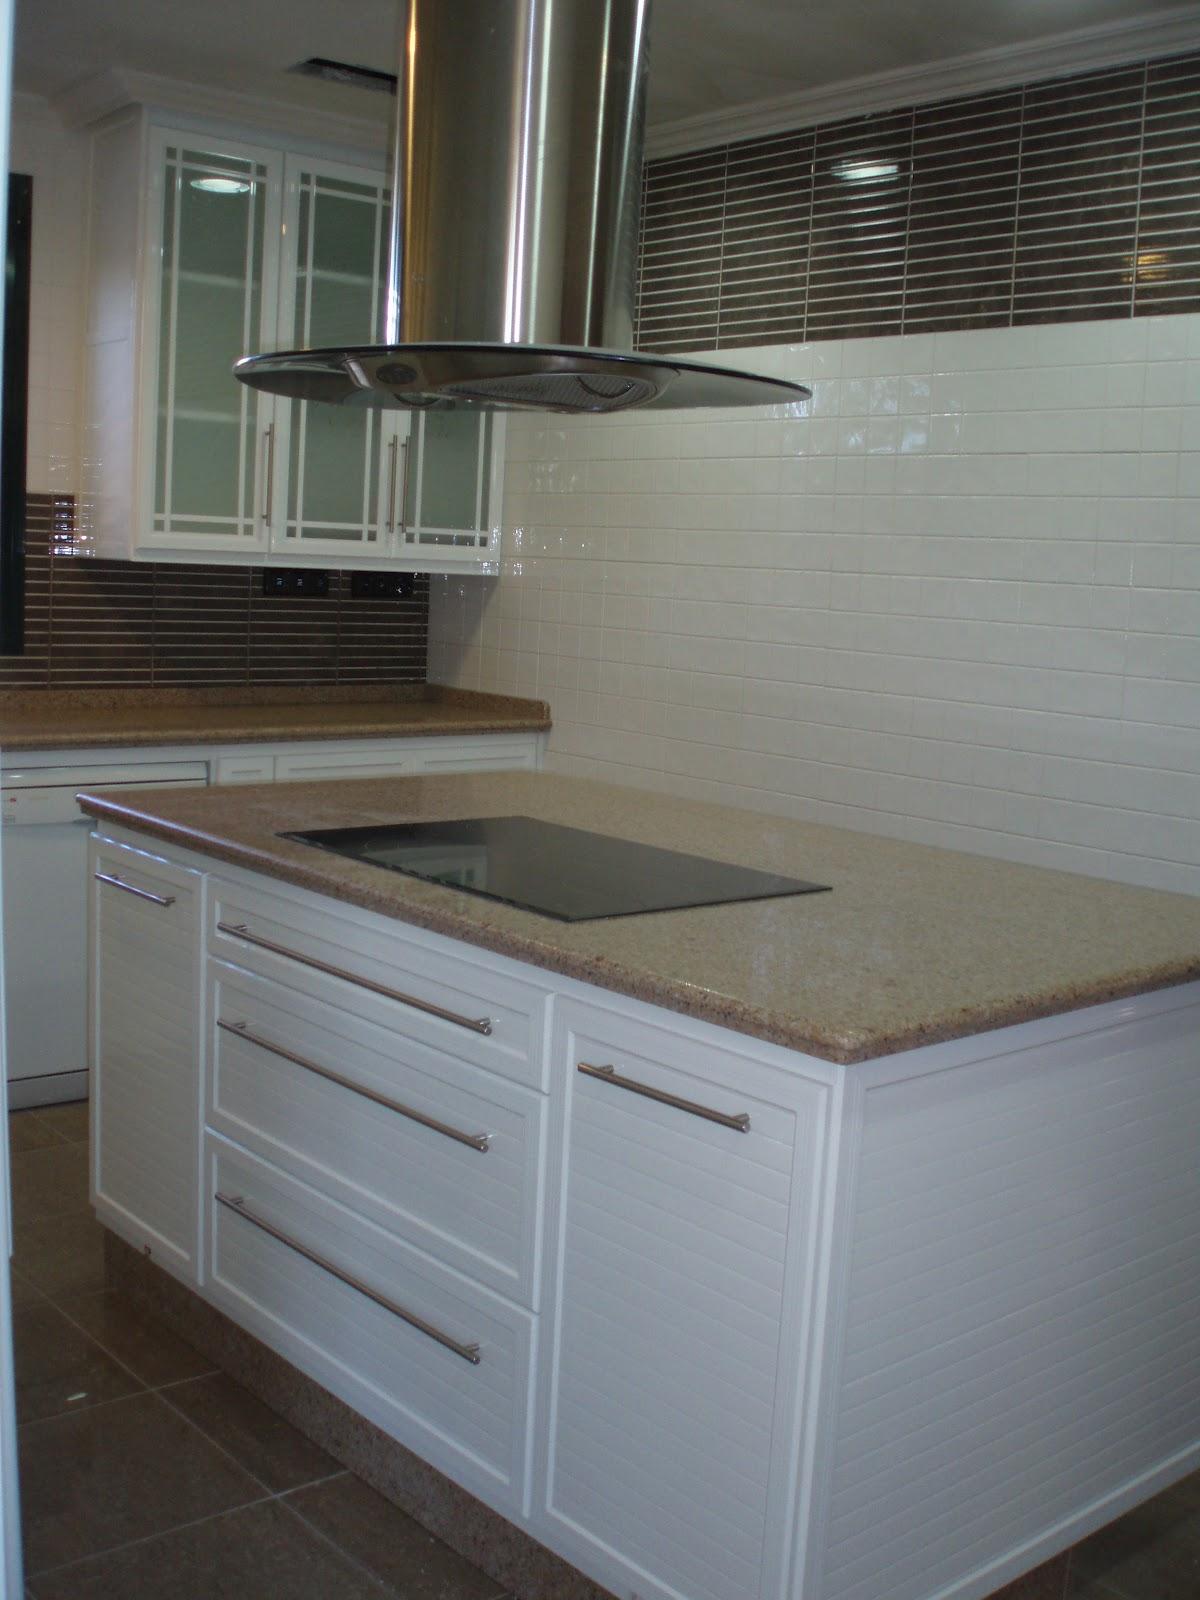 Panelesdealuminio cocina de aluminio blanca con panel raya 3 - Cocina aluminio ...